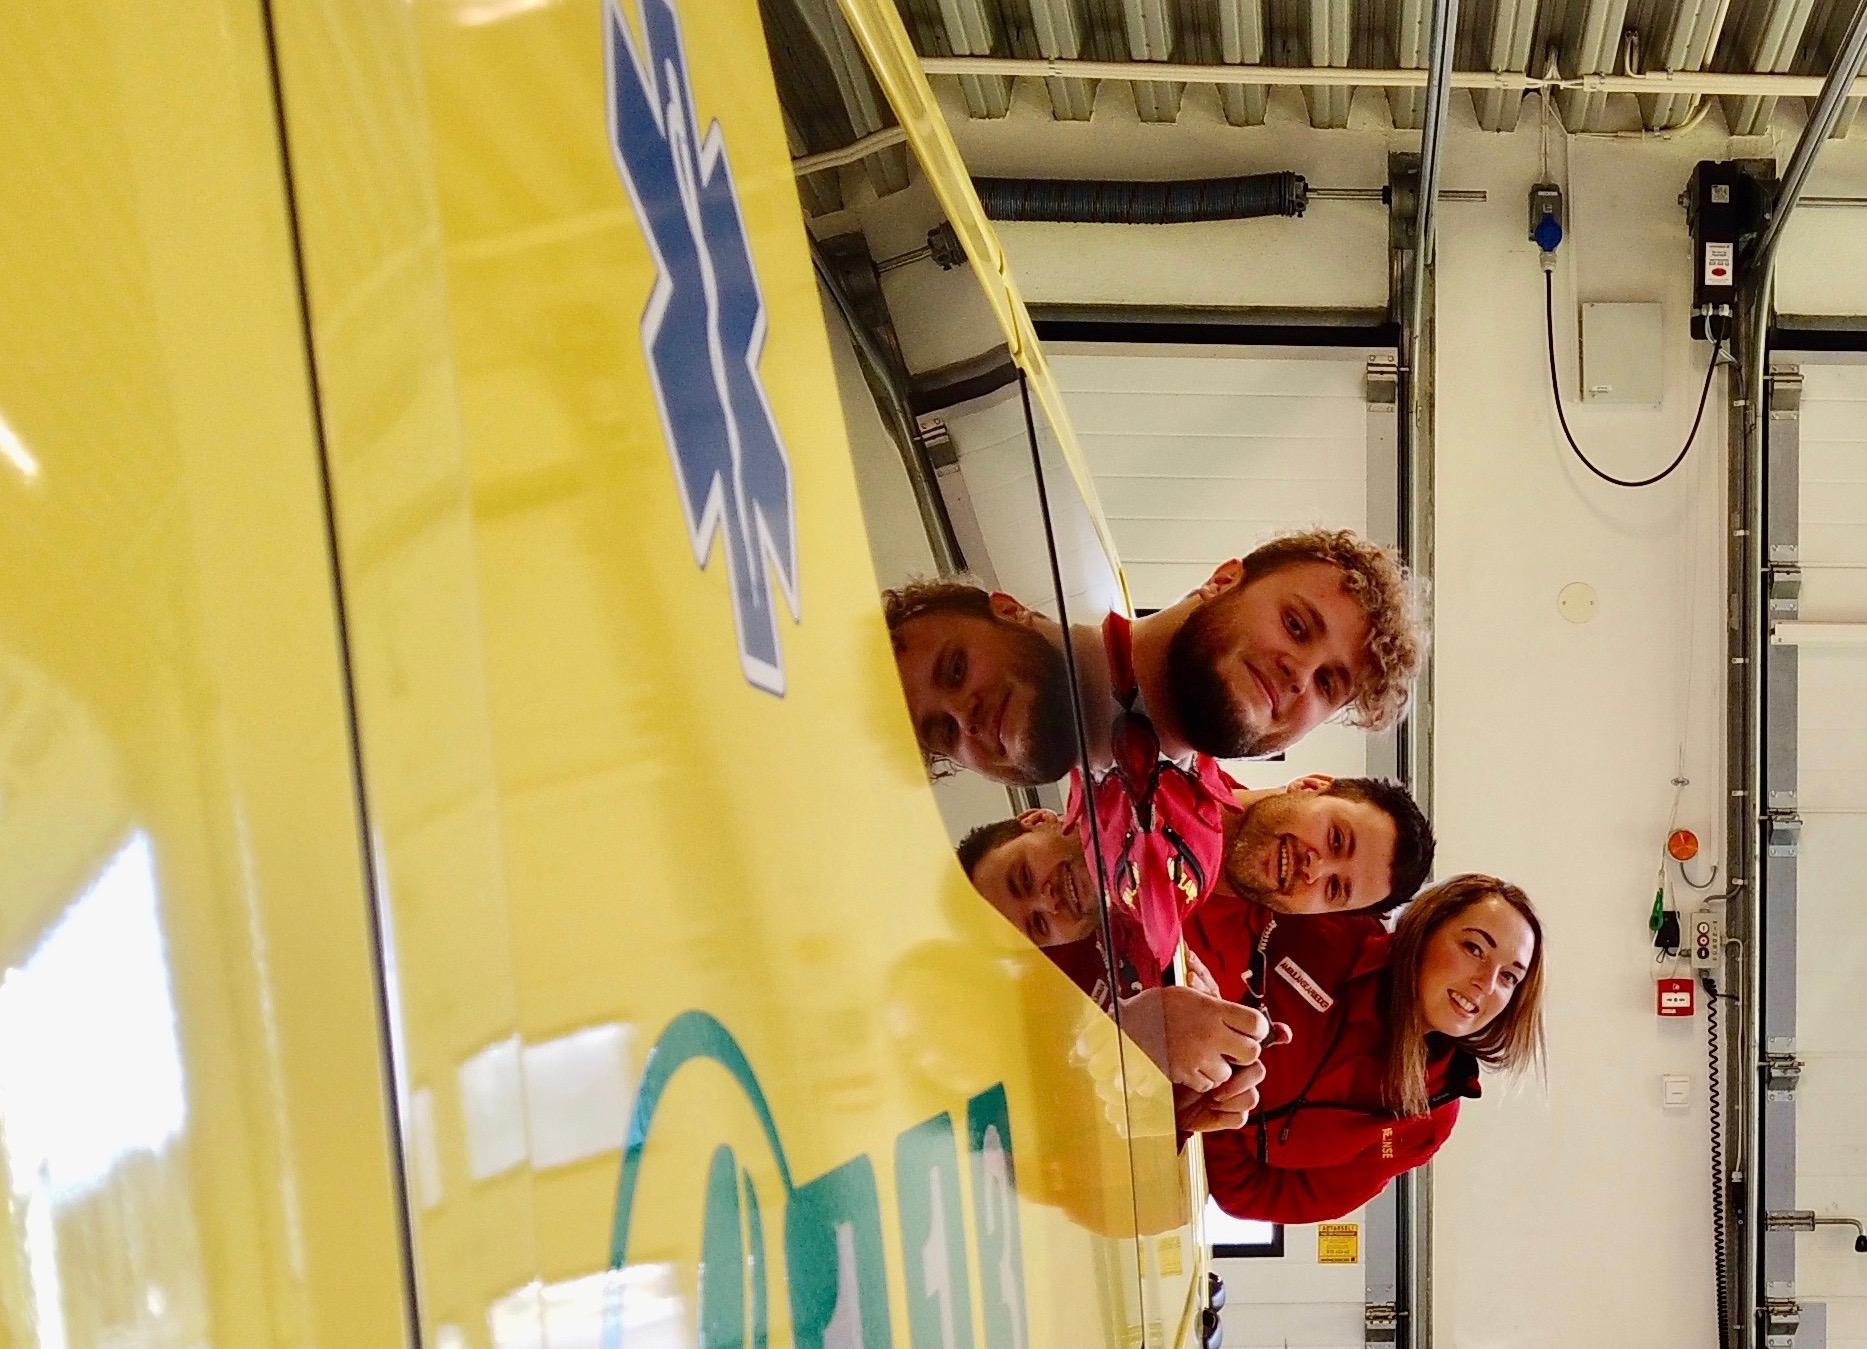 Tre representanter for tjenesten i Østfold: Lars, Tina og Petter. Foto: Indre Østfold ambulansestasjon.